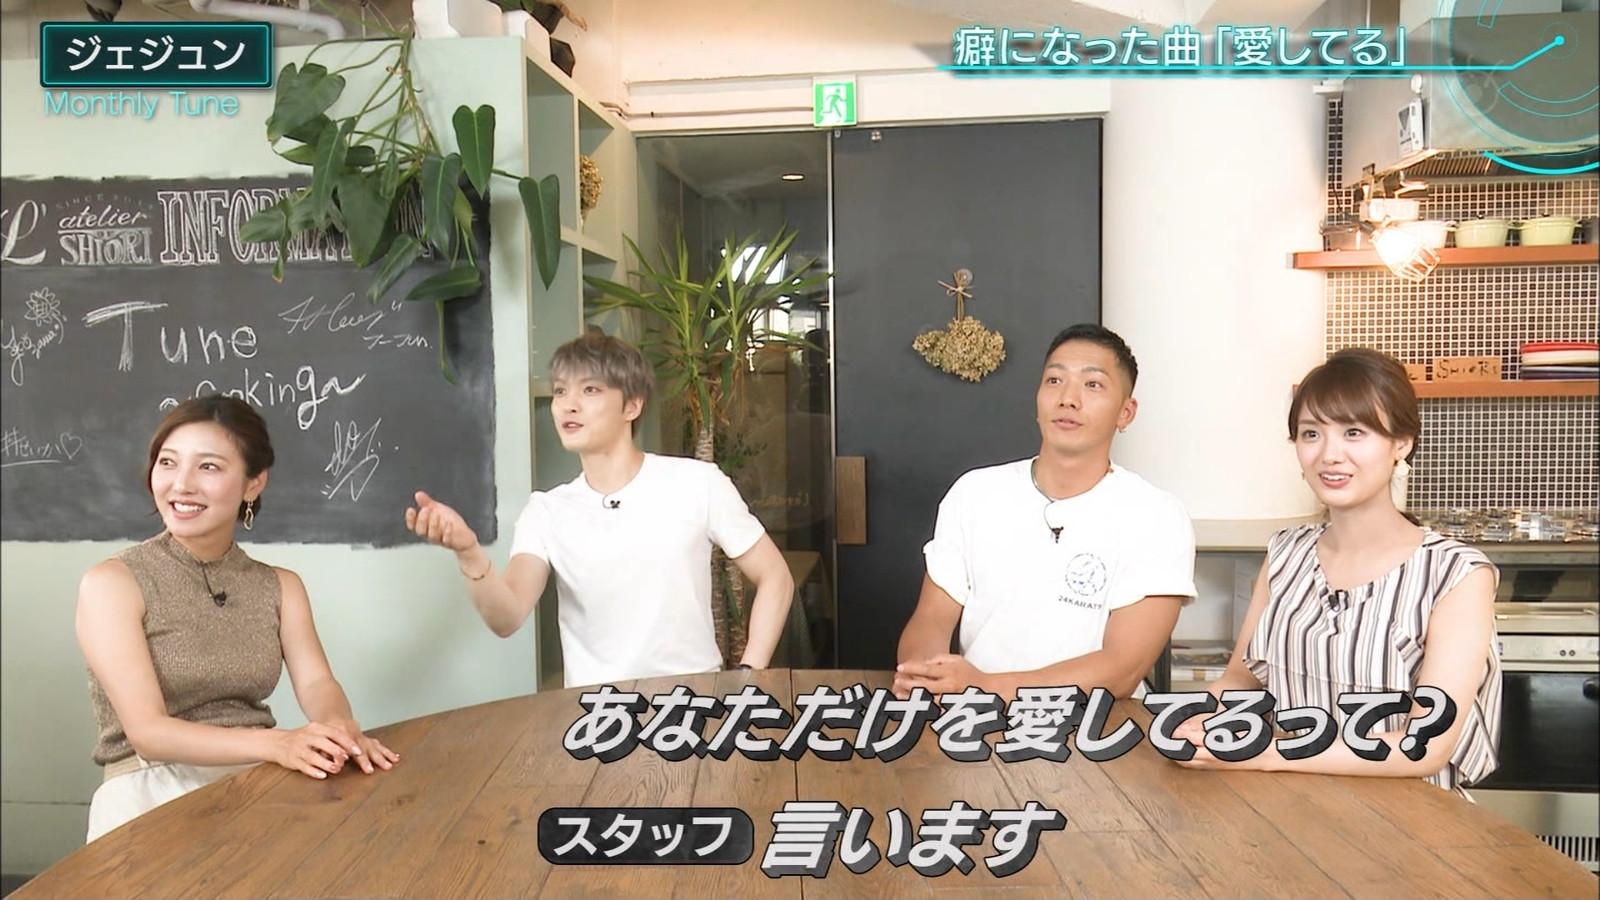 2019年9月21日に放送された「TUNE」に出演した女性アナウンサー・小澤陽子さんと井上清華さんのテレビキャプチャー画像-012